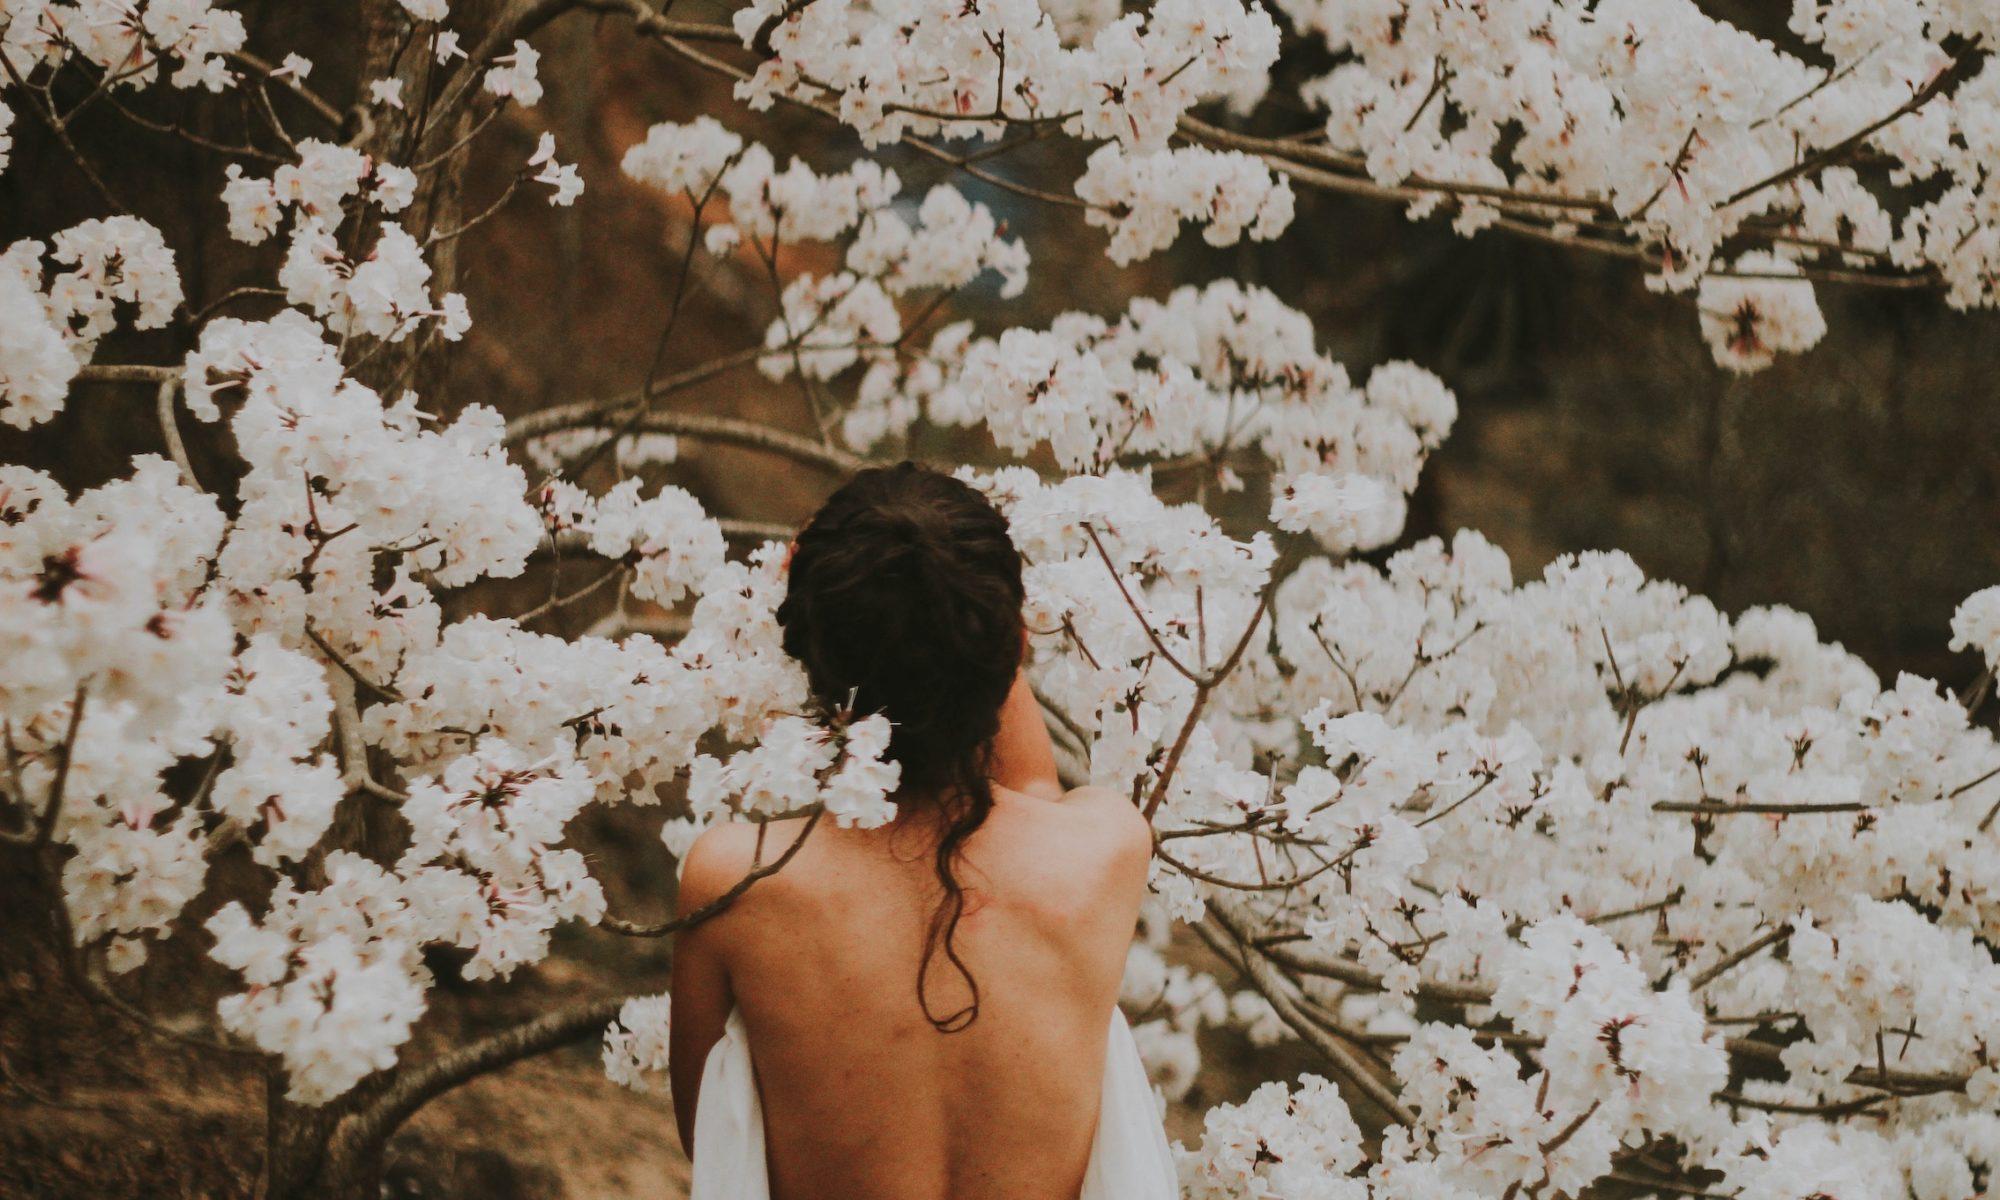 Rückansicht einer nackten Person mit langen schwarzen Haaren vor einer weiß blühenden Hecke.